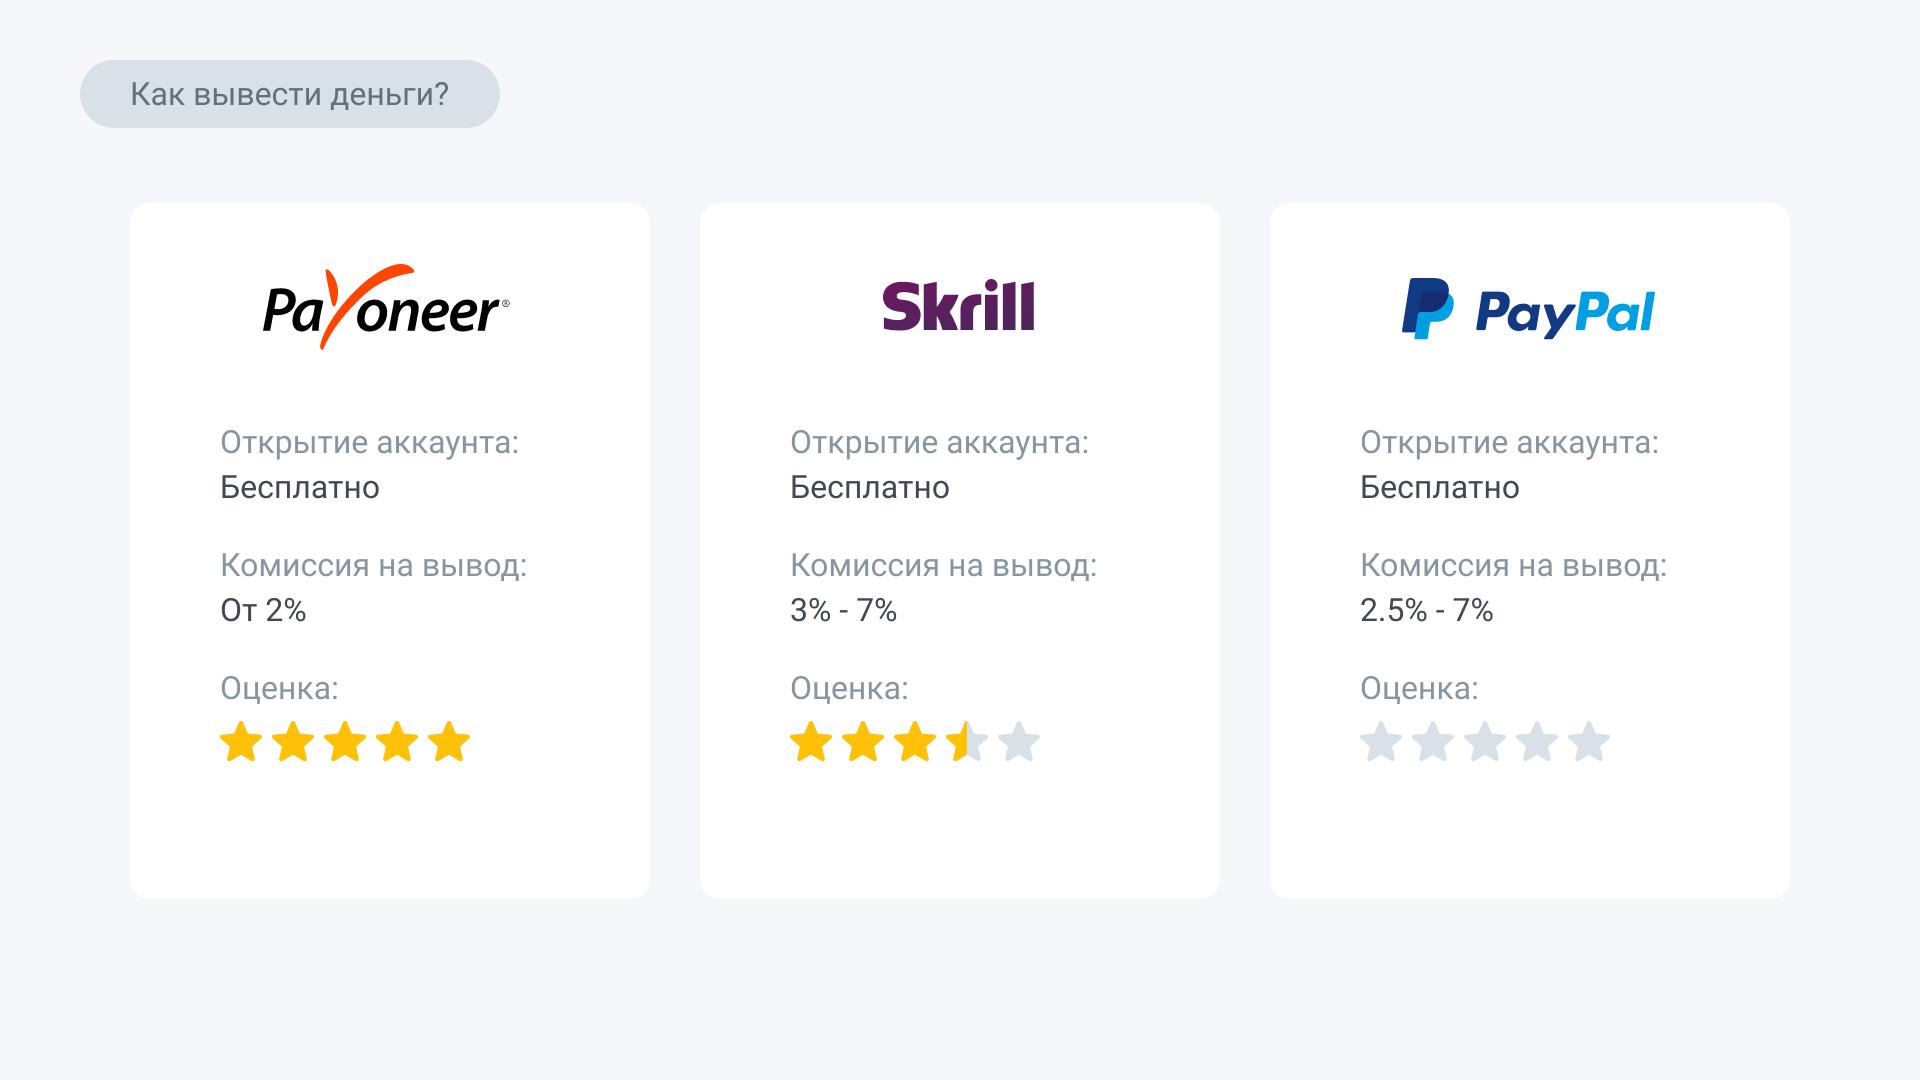 Сравнение платежных систем Payoneer, Skrill и PayPal